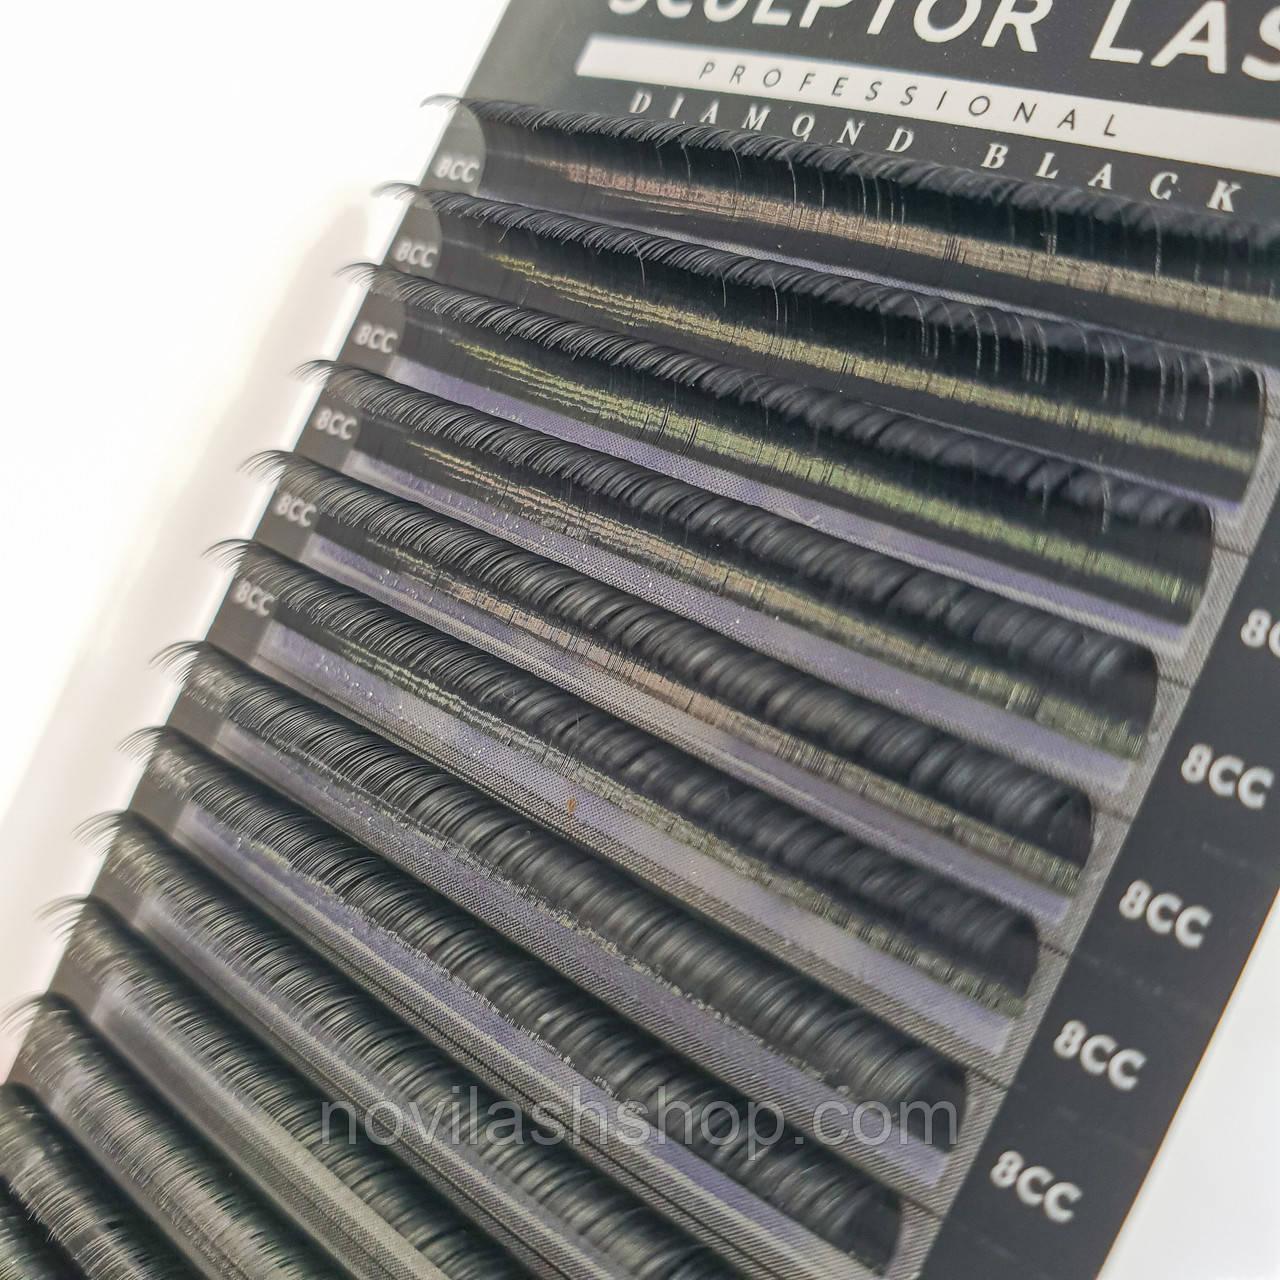 Ресницы Sculptor Lash Diamond Black: С, СС, D; 0.10, 0.07, 0.05; микс и и отд длина